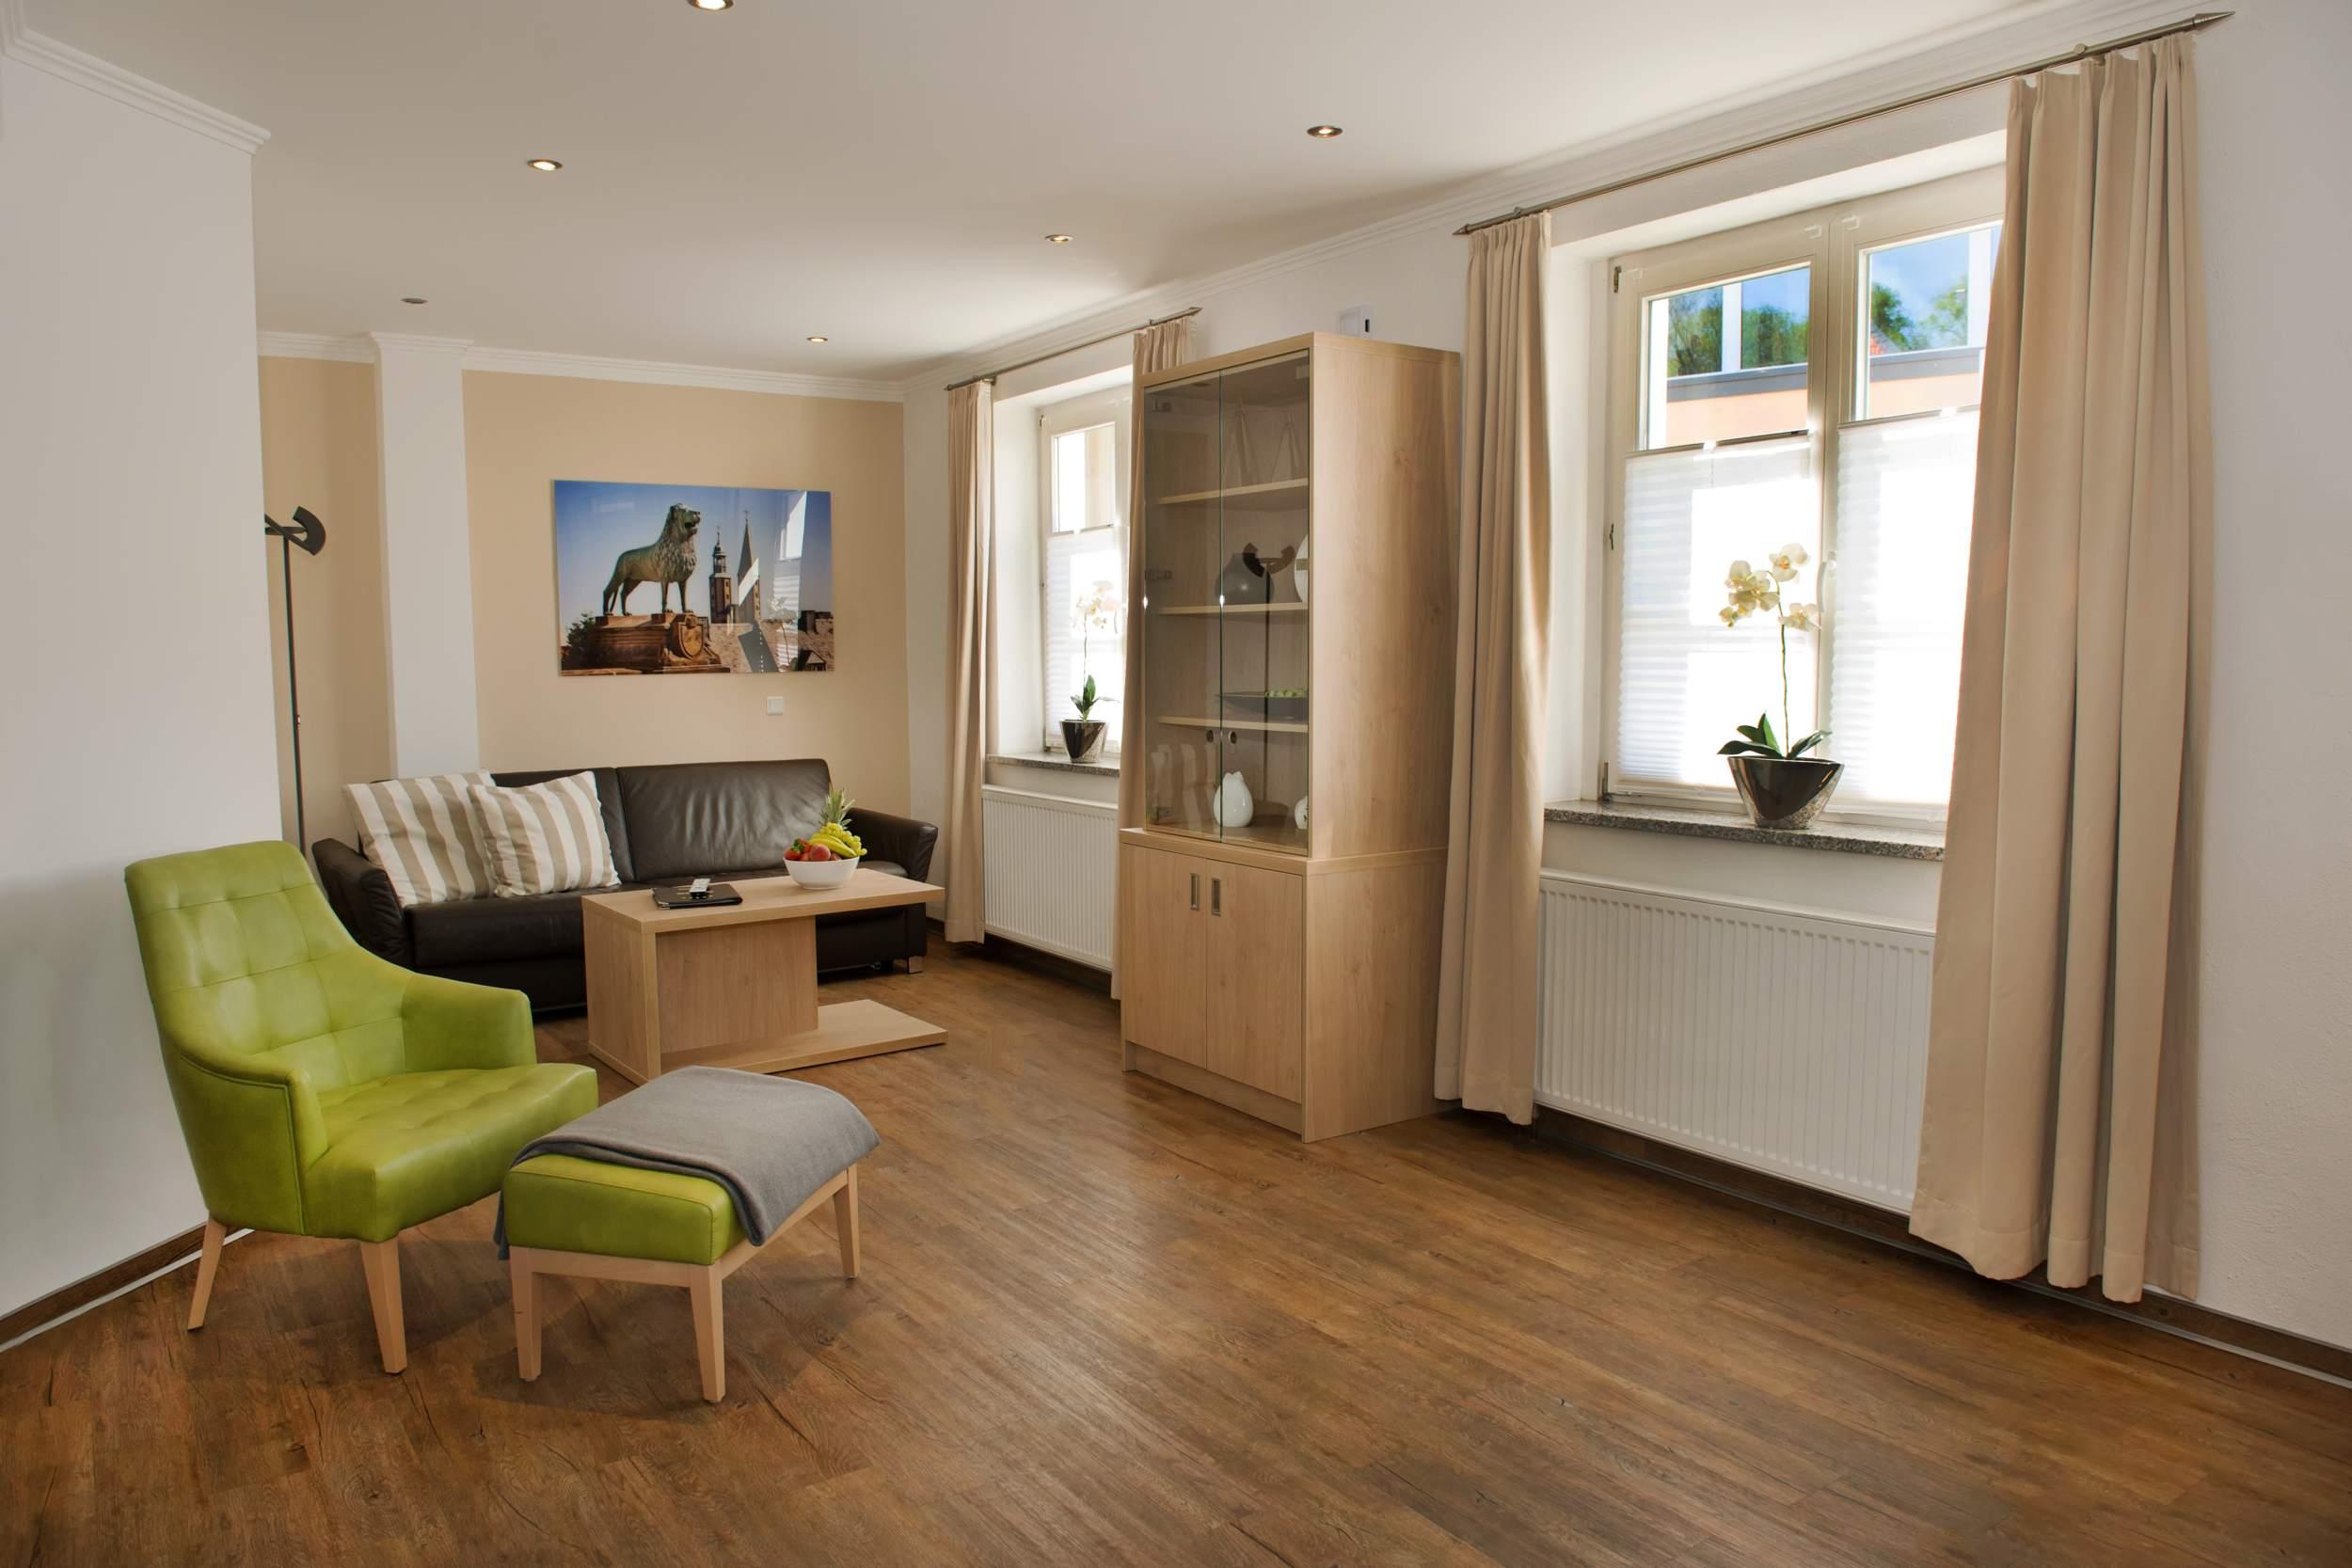 City Appartements am Wall Goslar - Wohnzimmer